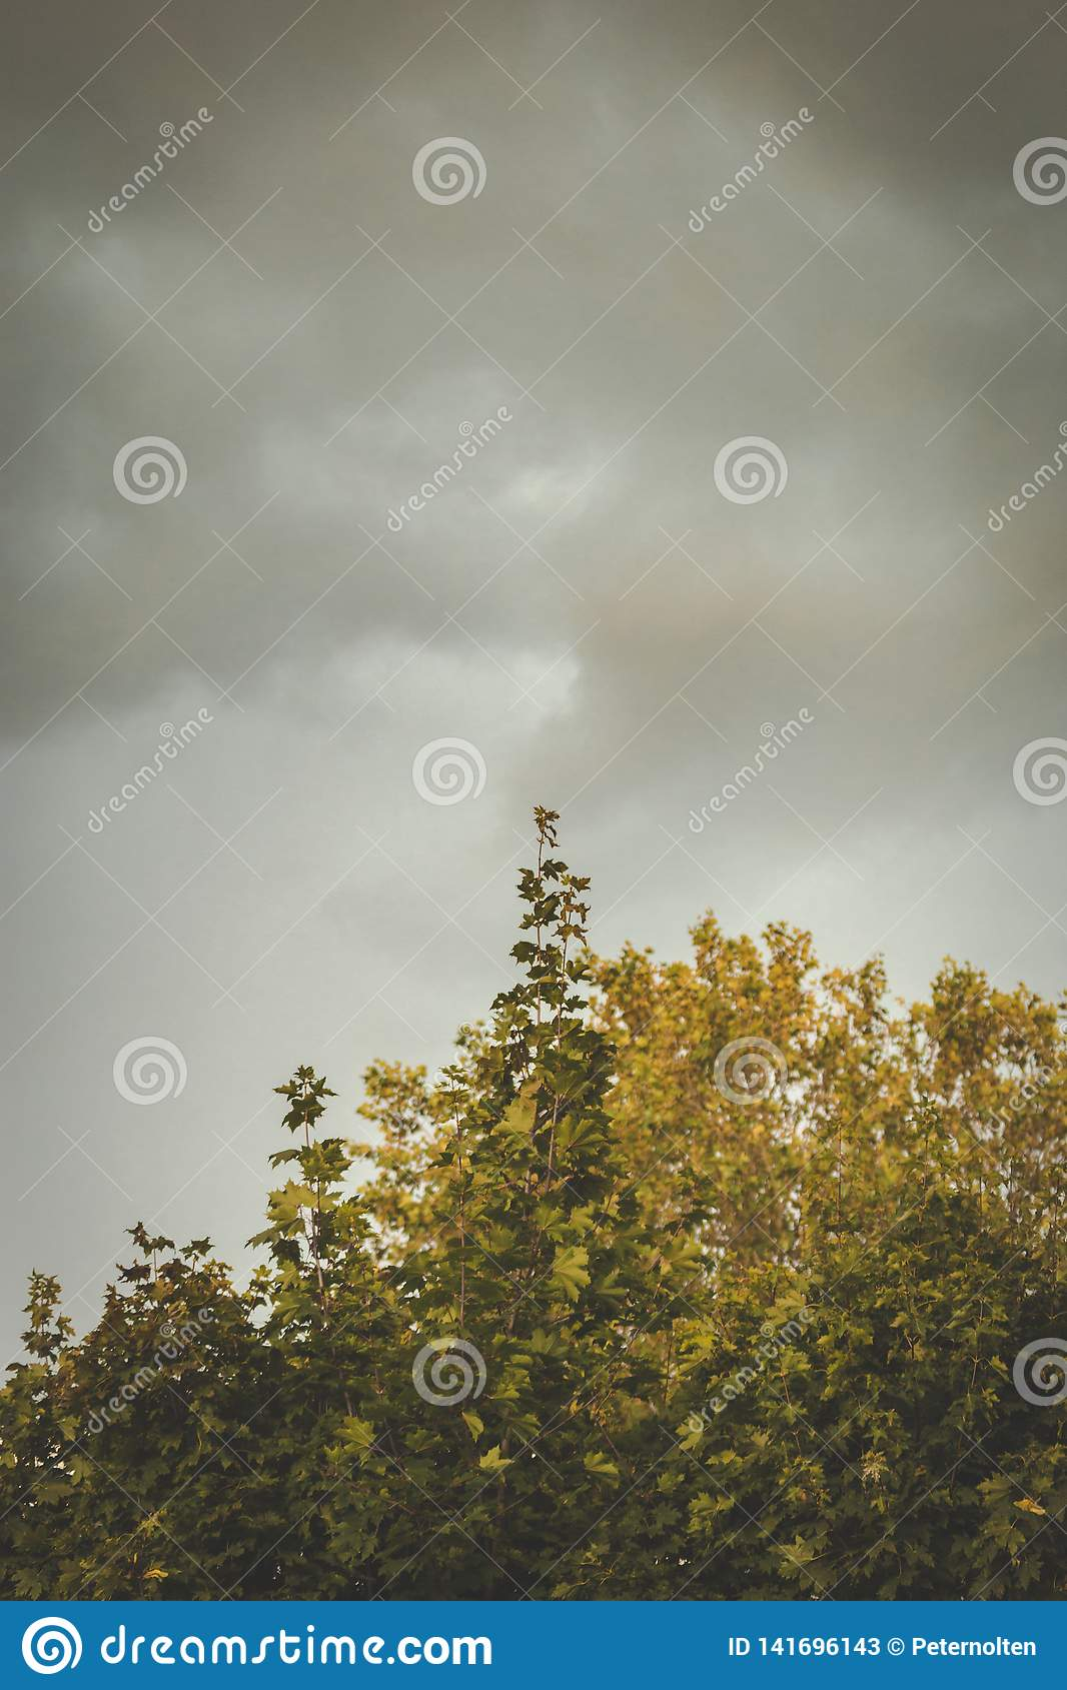 Donkere regenwolken die zich boven bomen vormen